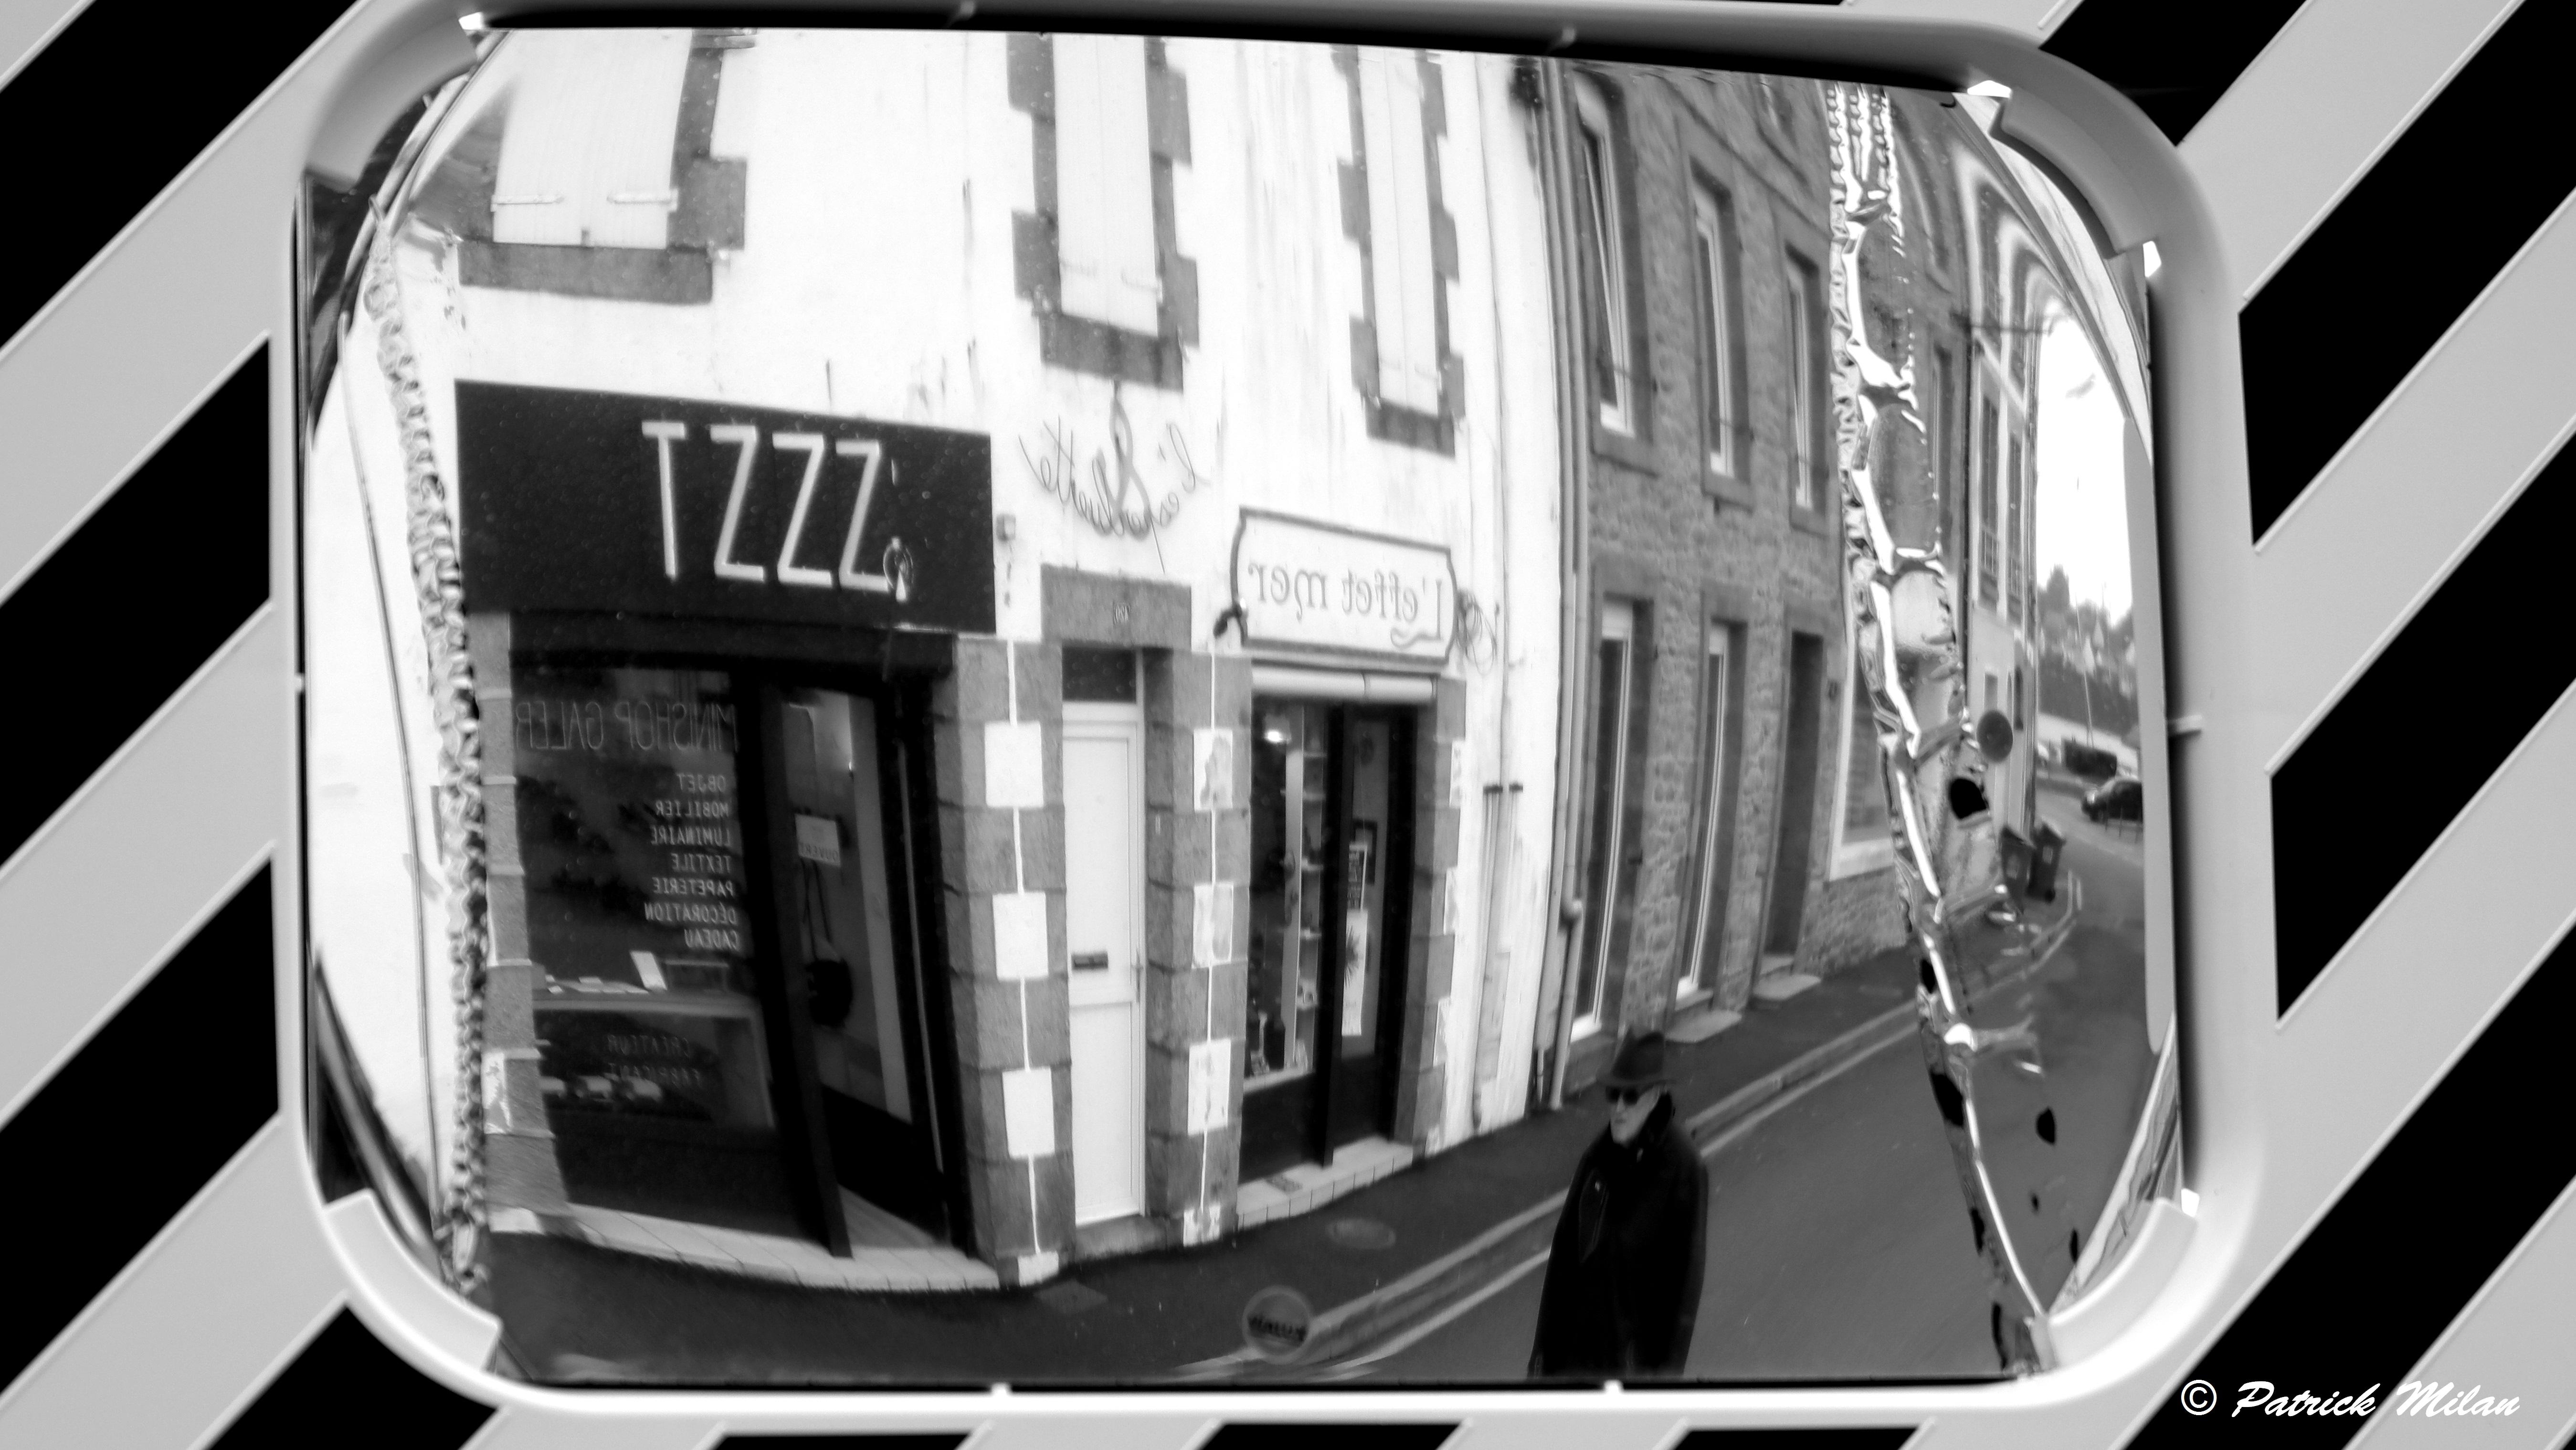 Photo Noir Et Blanc Design wallpaper : face, people, portrait, street, car, vehicle